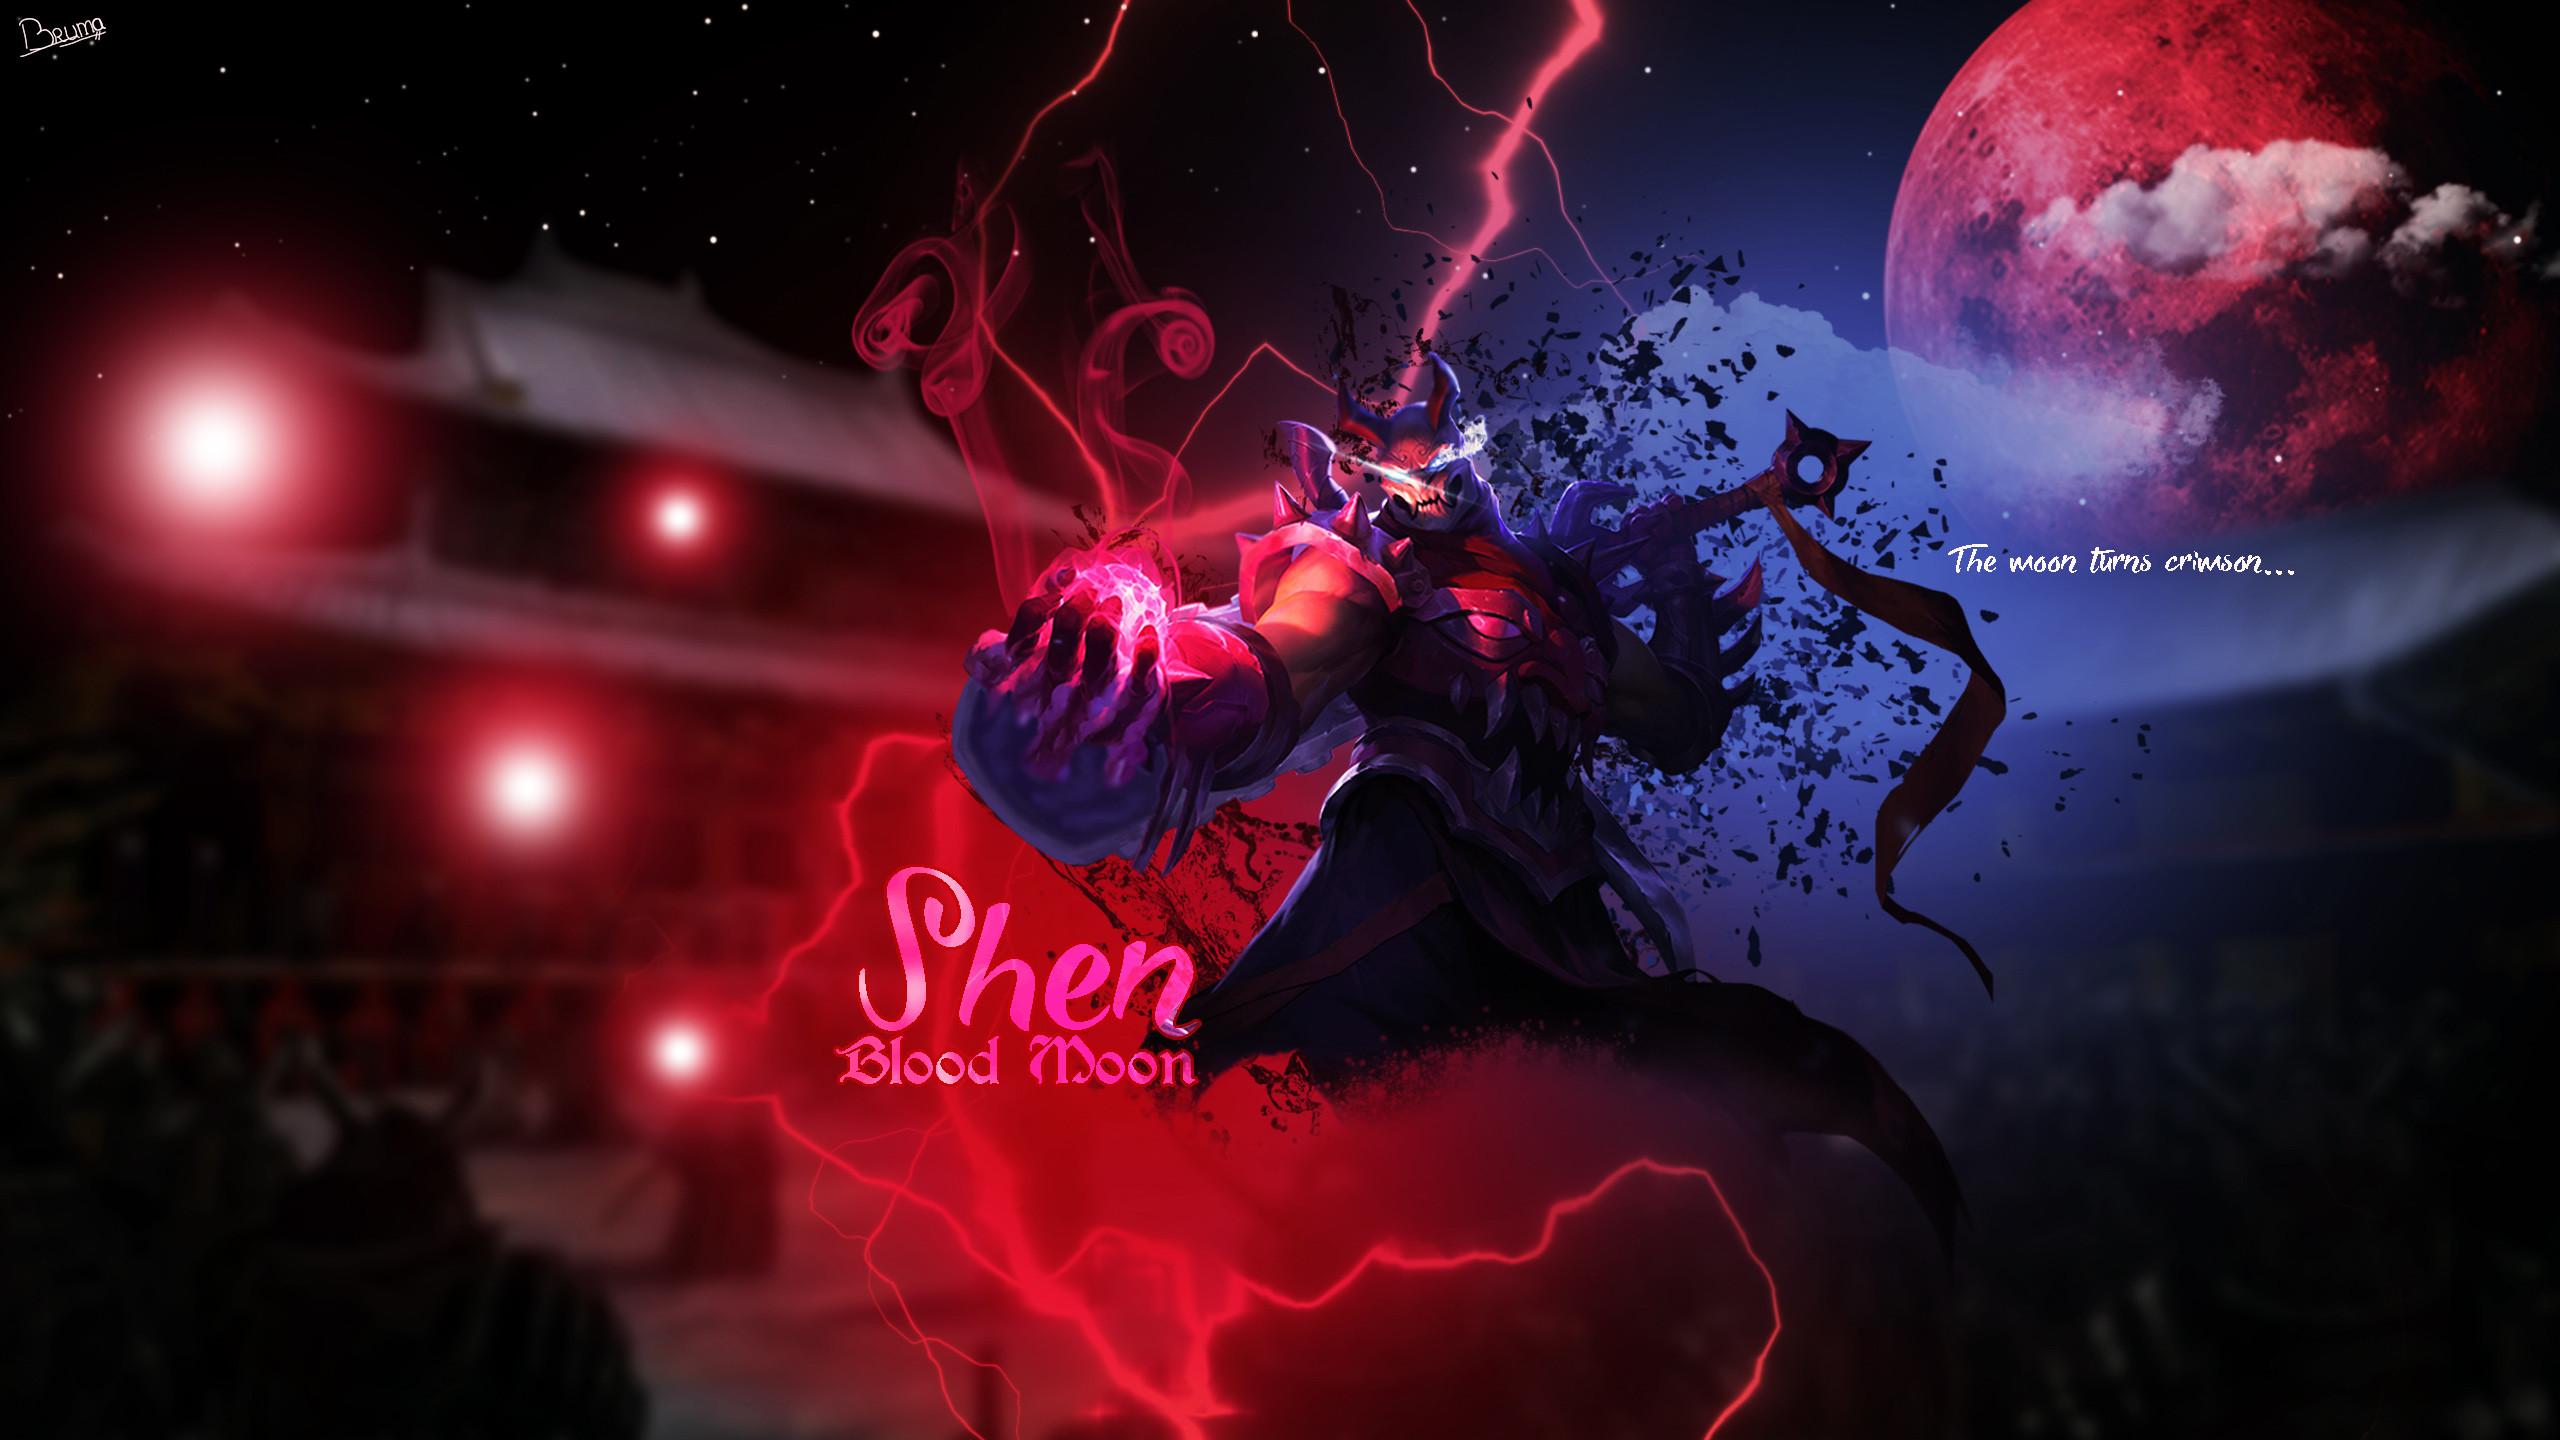 Res: 2560x1440, Blood Moon Shen by Brumskyy HD Wallpaper Fan Art Artwork League of Legends  lol